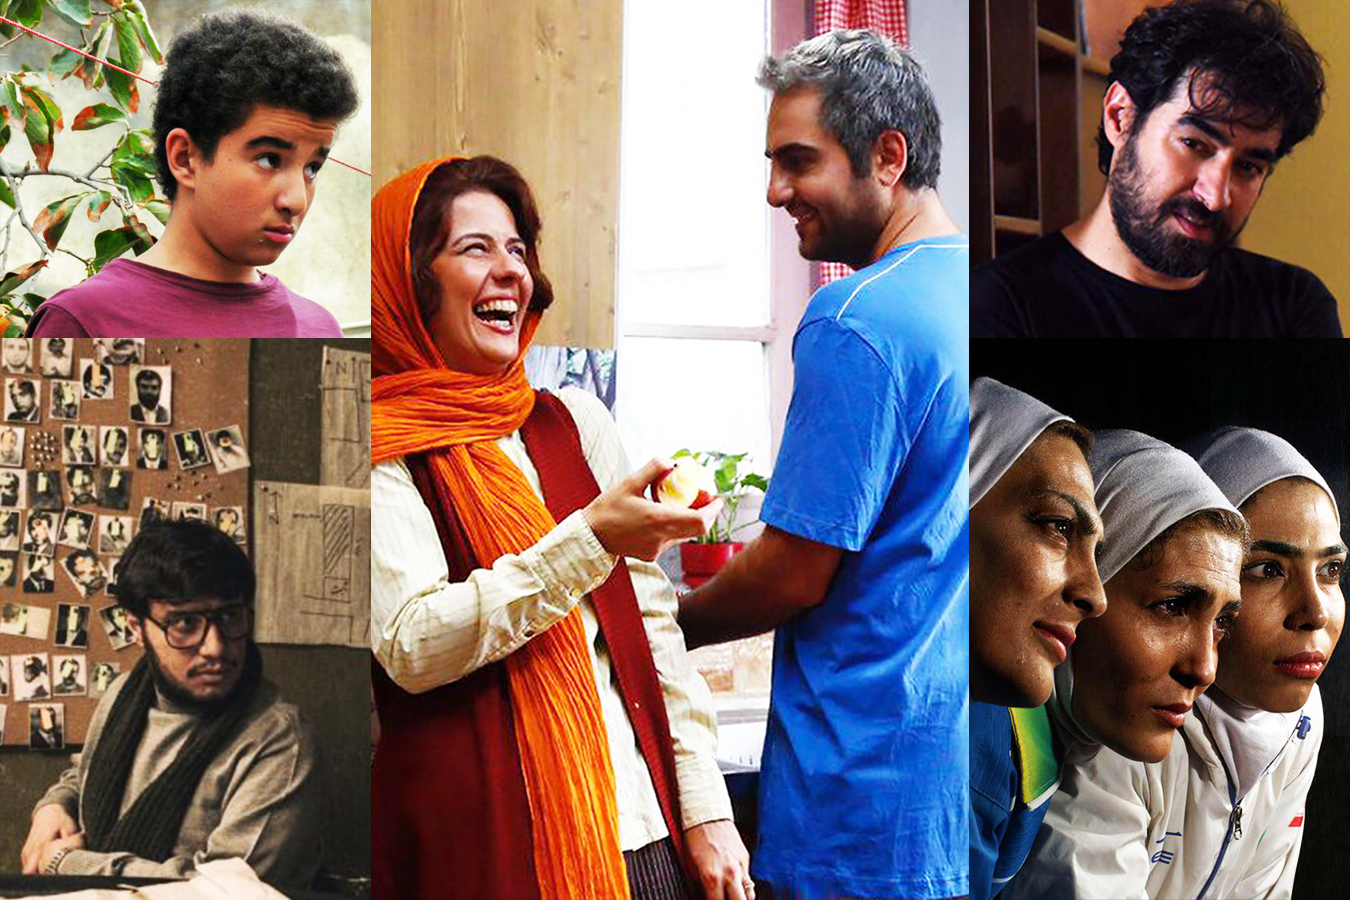 پنج کاراکتر جذاب سینمای ایران در سالی که گذشت